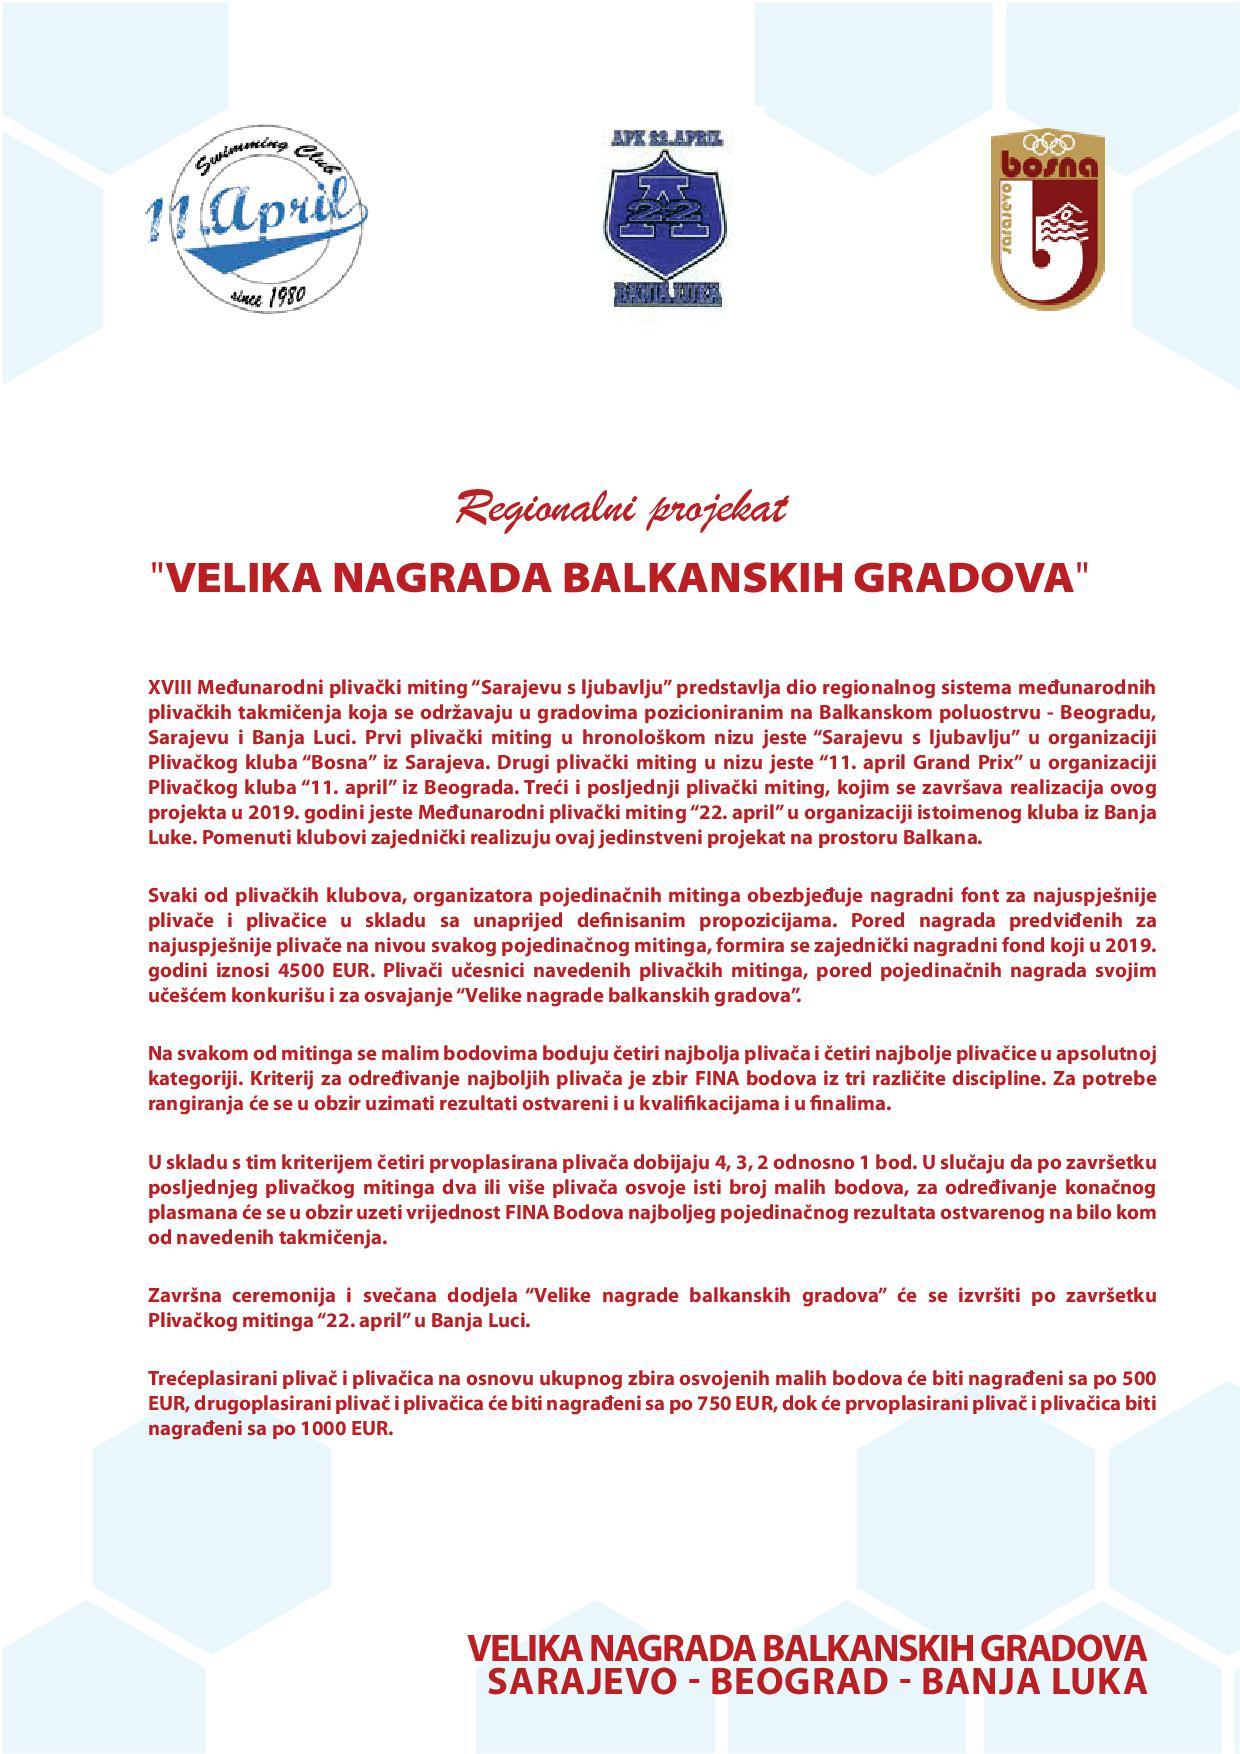 Пропозиције Велике награде балканских градова